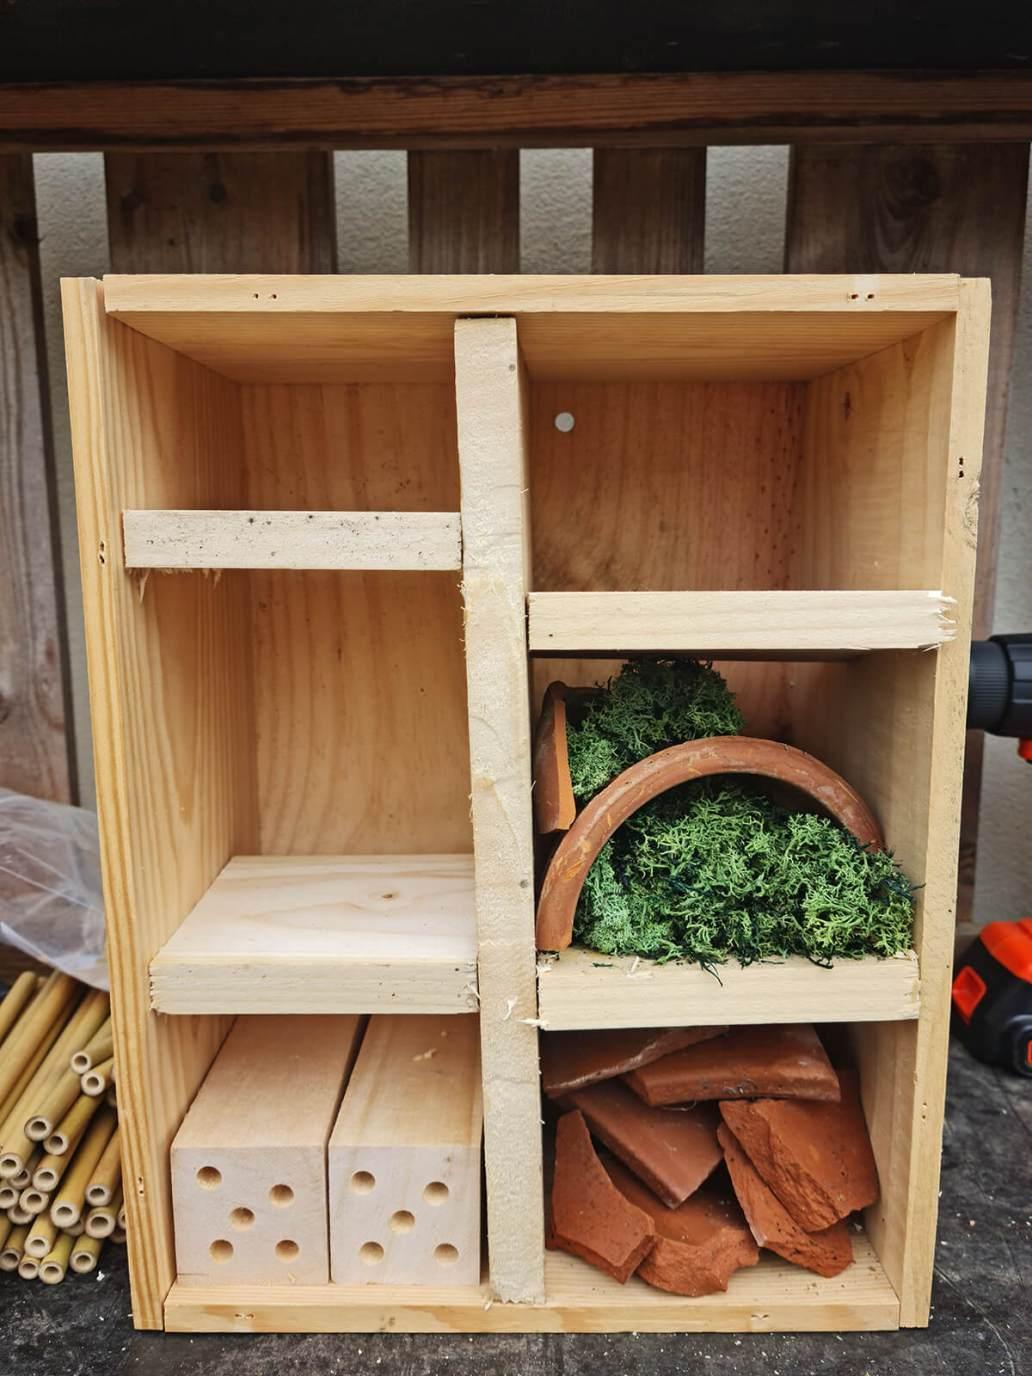 20210520 170854 - DIY jardin : construire un hôtel à insectes avec une caisse à vin